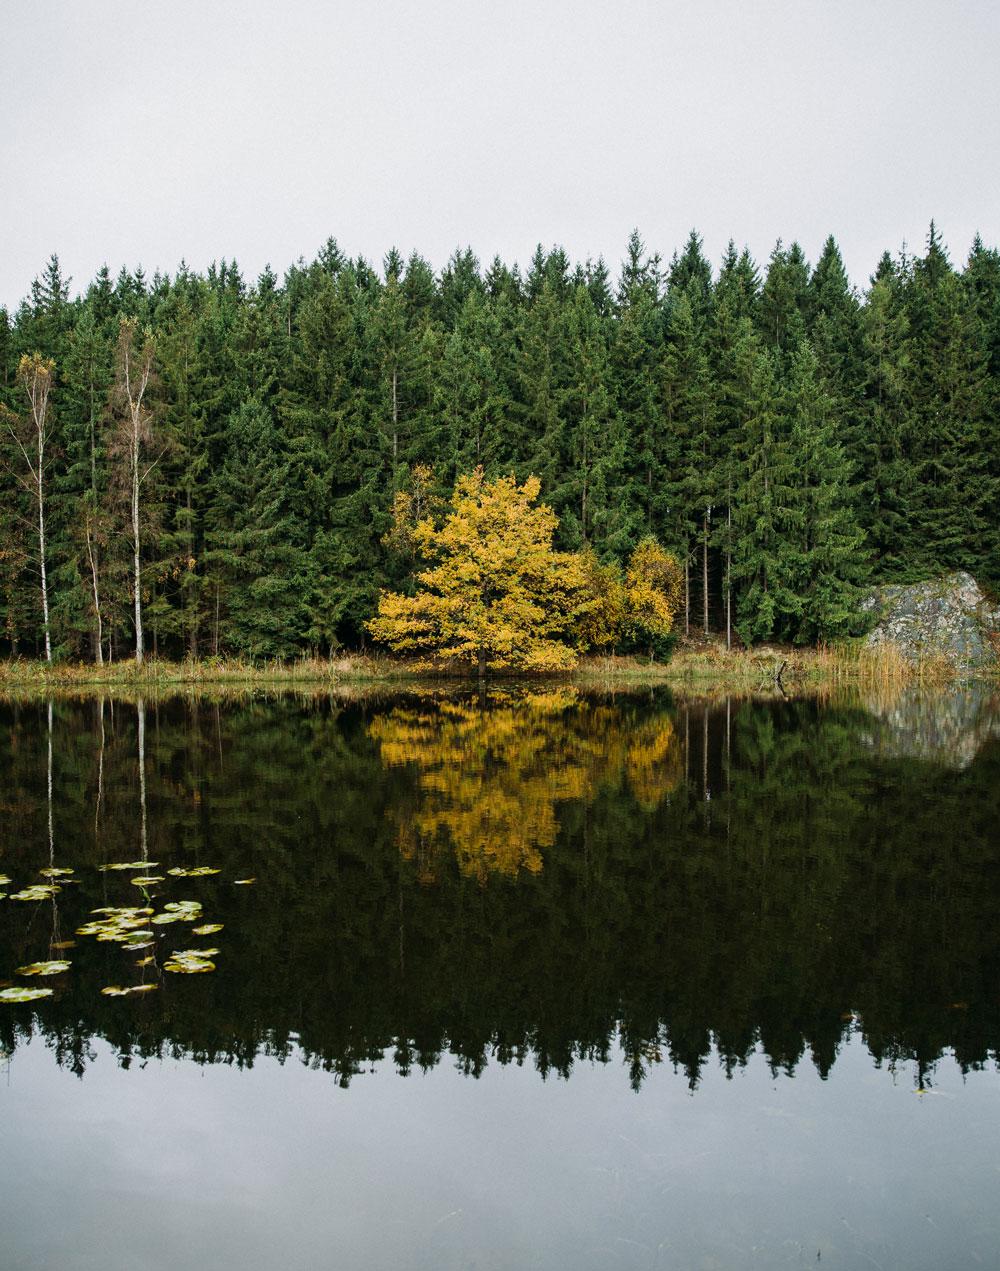 Rø Plantage